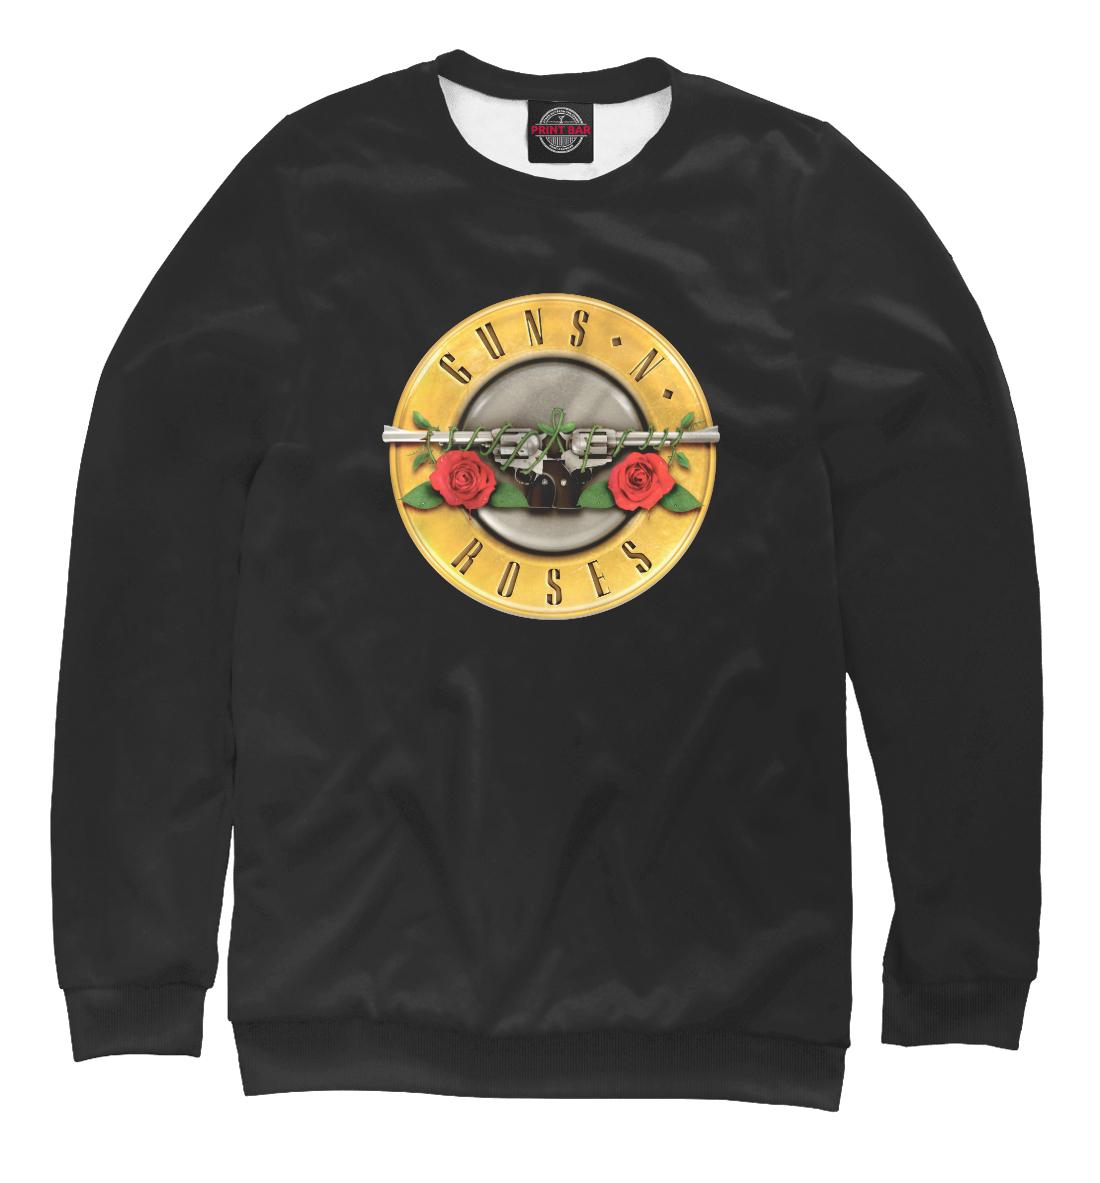 Купить Guns N Roses, Printbar, Свитшоты, GNR-787346-swi-2